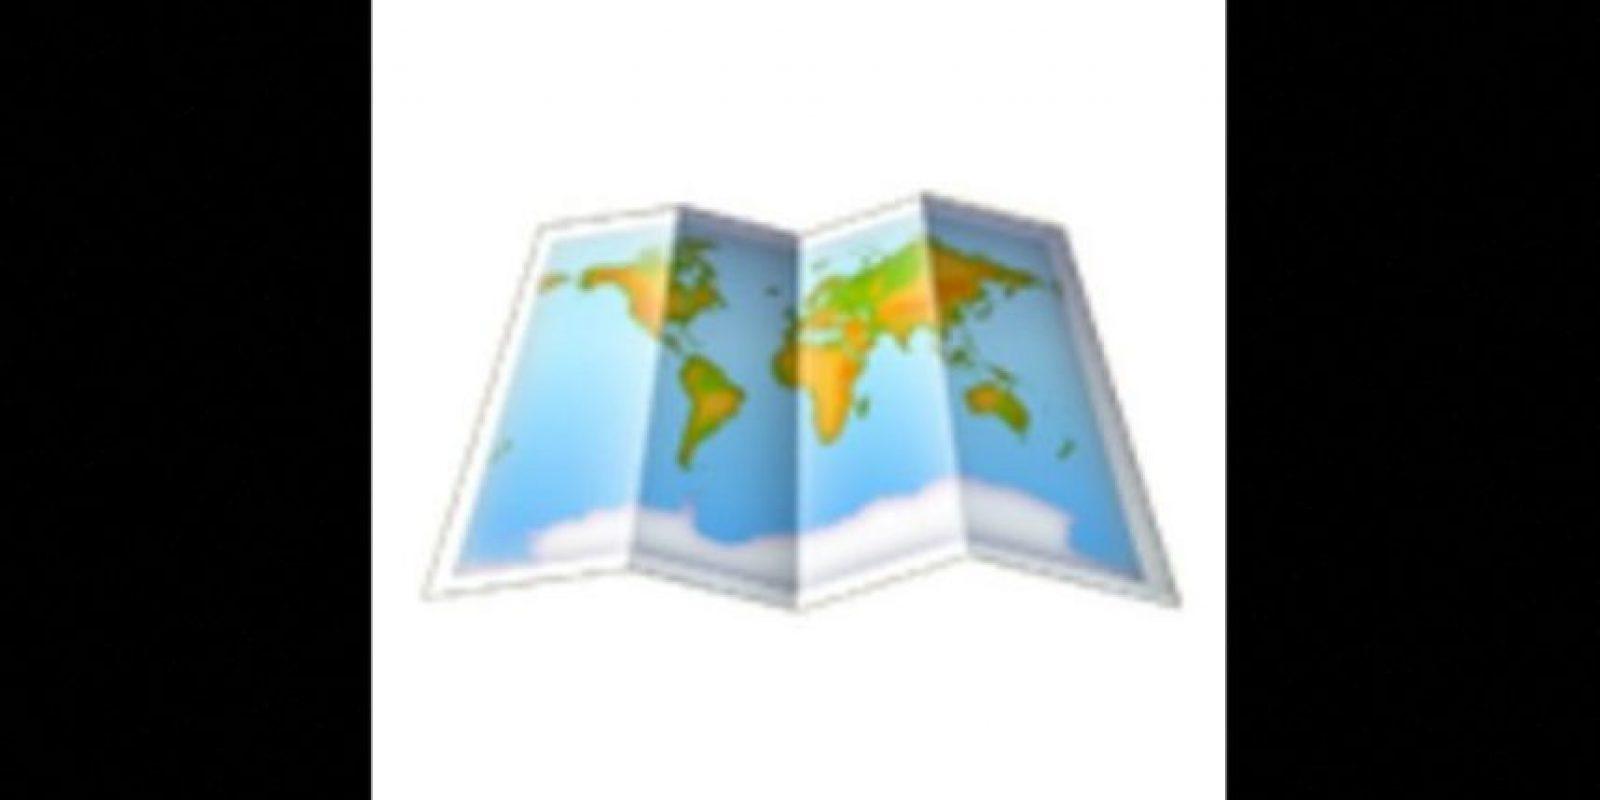 El mapa Foto:Vía emojipedia.org